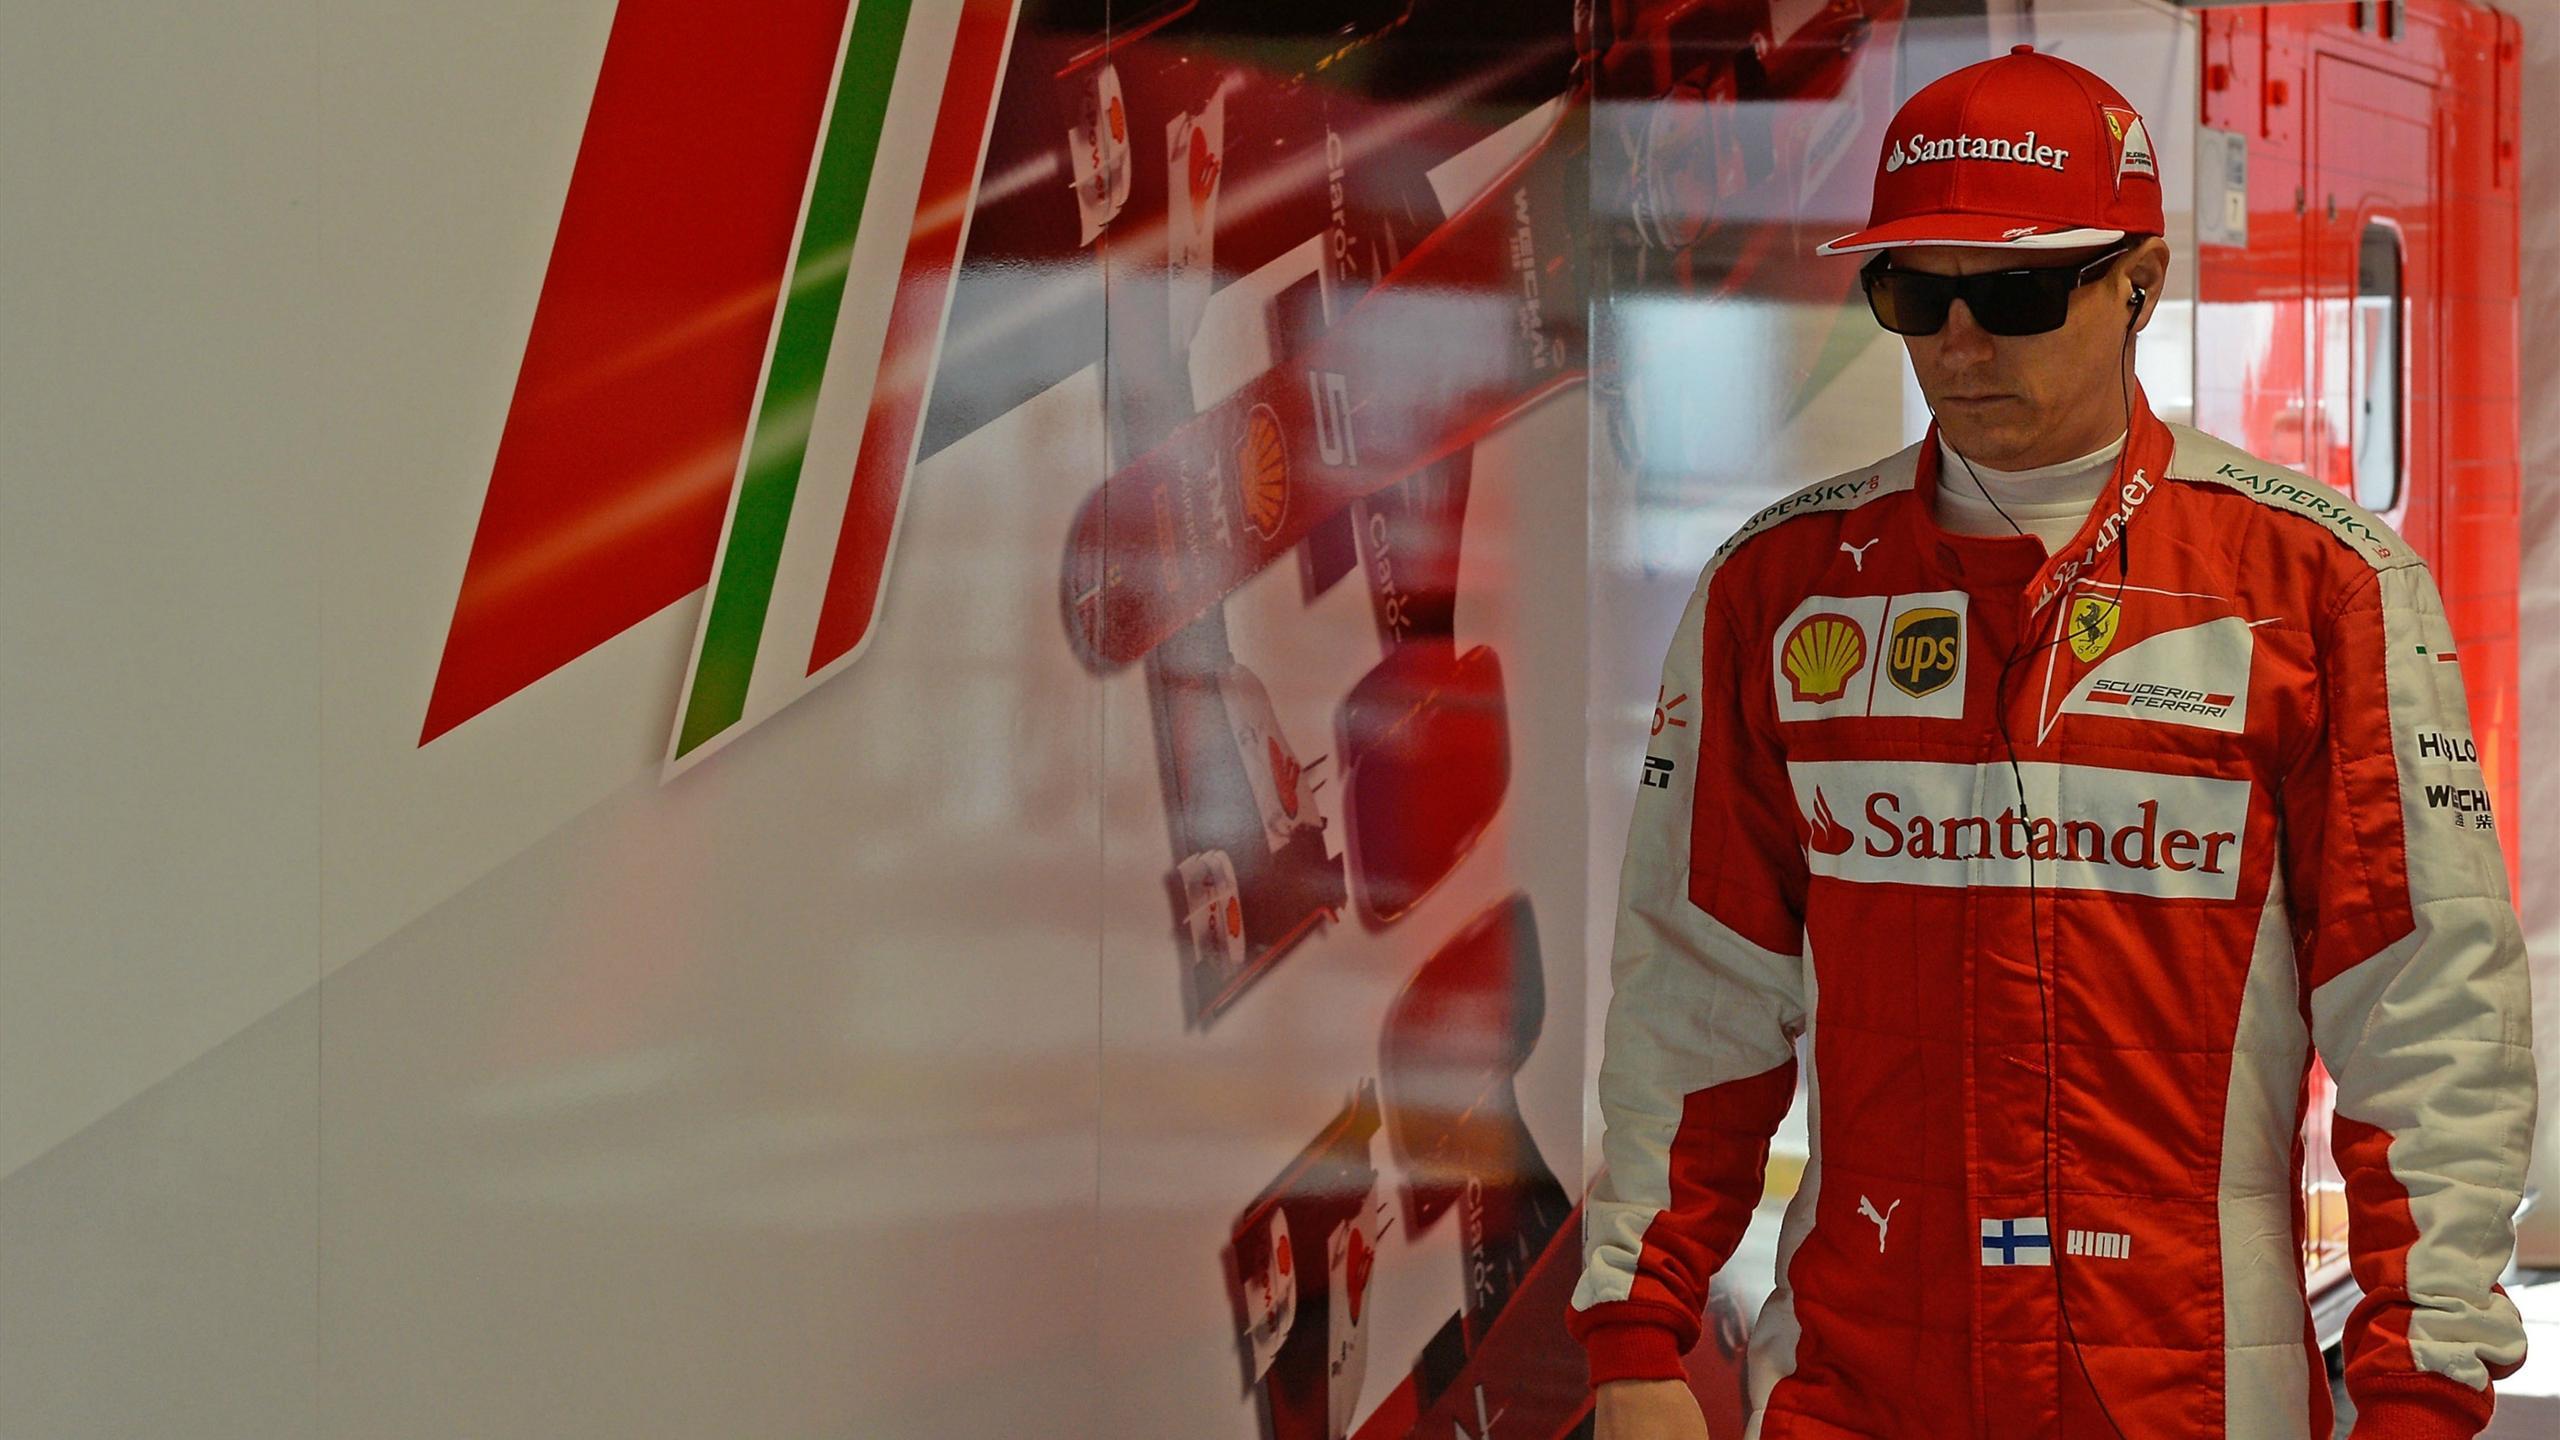 Kimi Räikkönen (Ferrari) - GP of Canada 2015